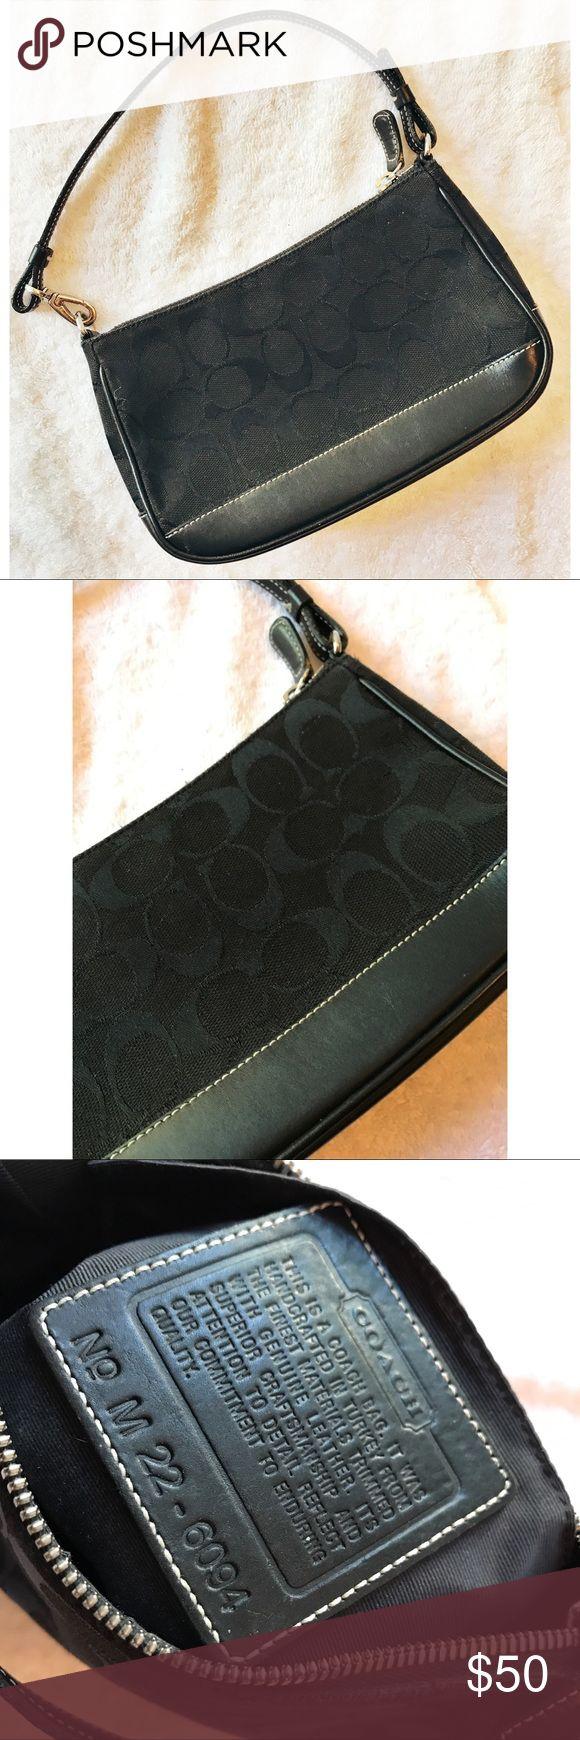 Coach • Signature Handbag